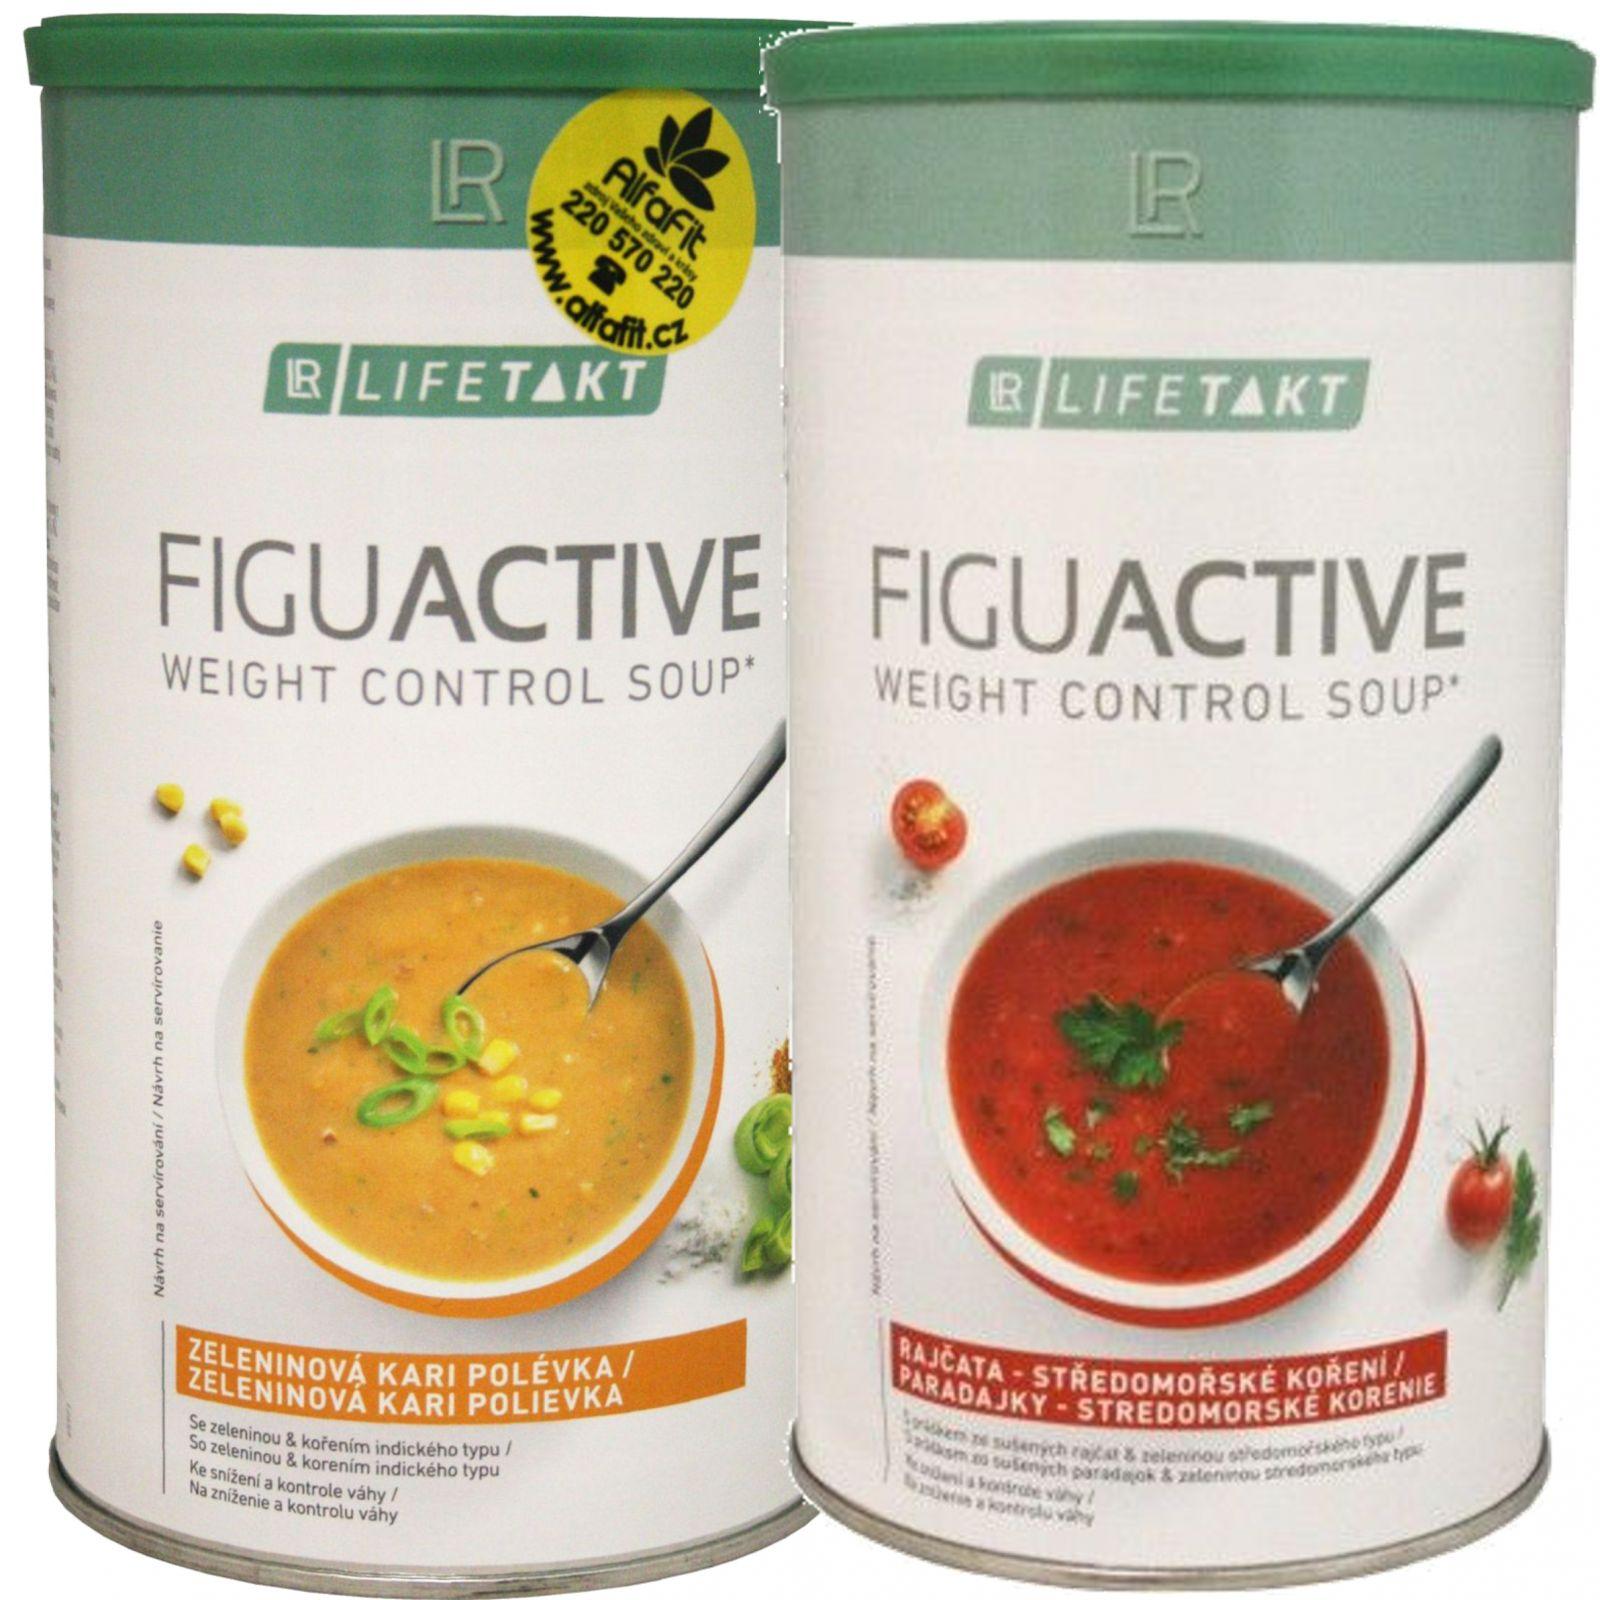 REDUCTION KIT V. - 2x SET LR LIFETAKT Figu Active Soup 500 g